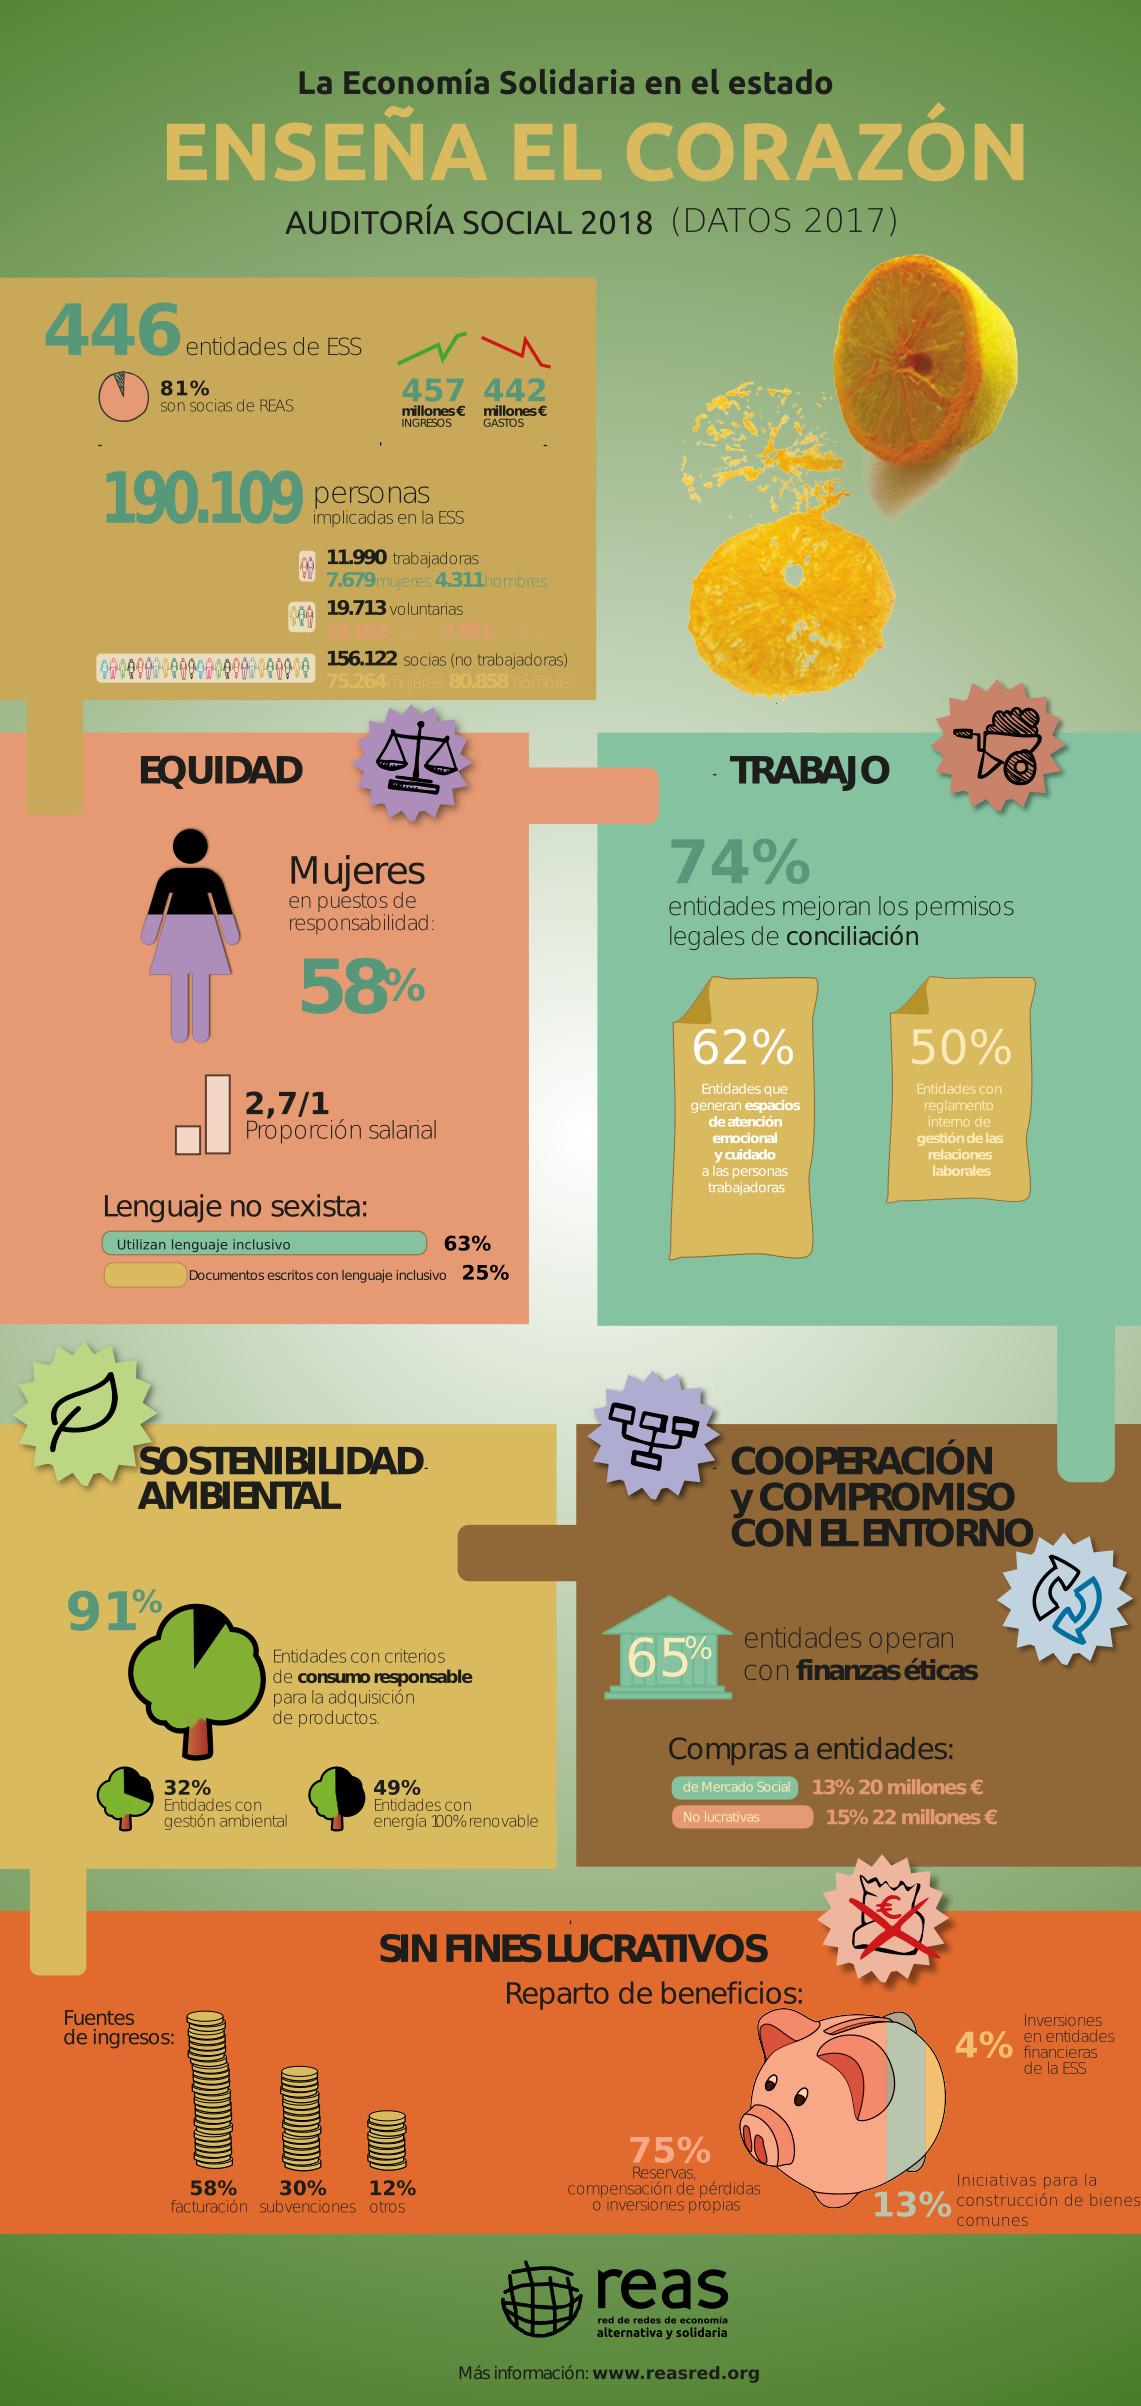 infografía: La Economía Solidaria enseña el corazón - 2018